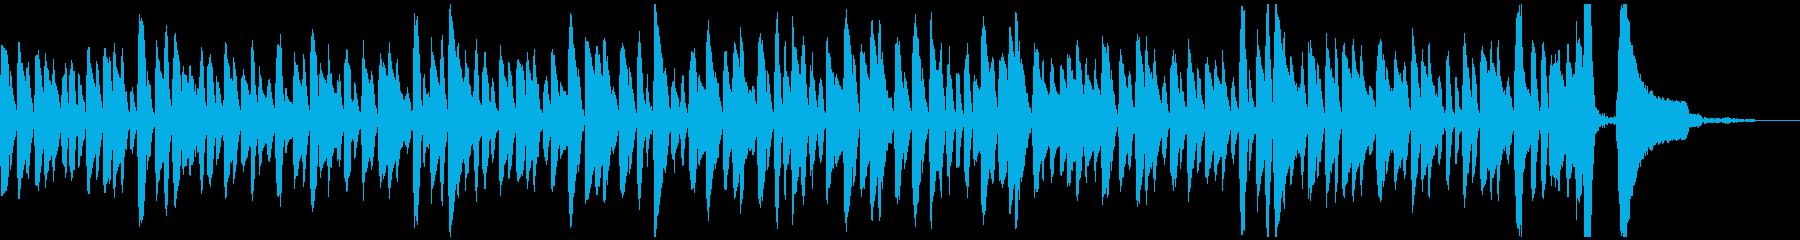 ラグタイム風の軽快なピアノソロジングルの再生済みの波形